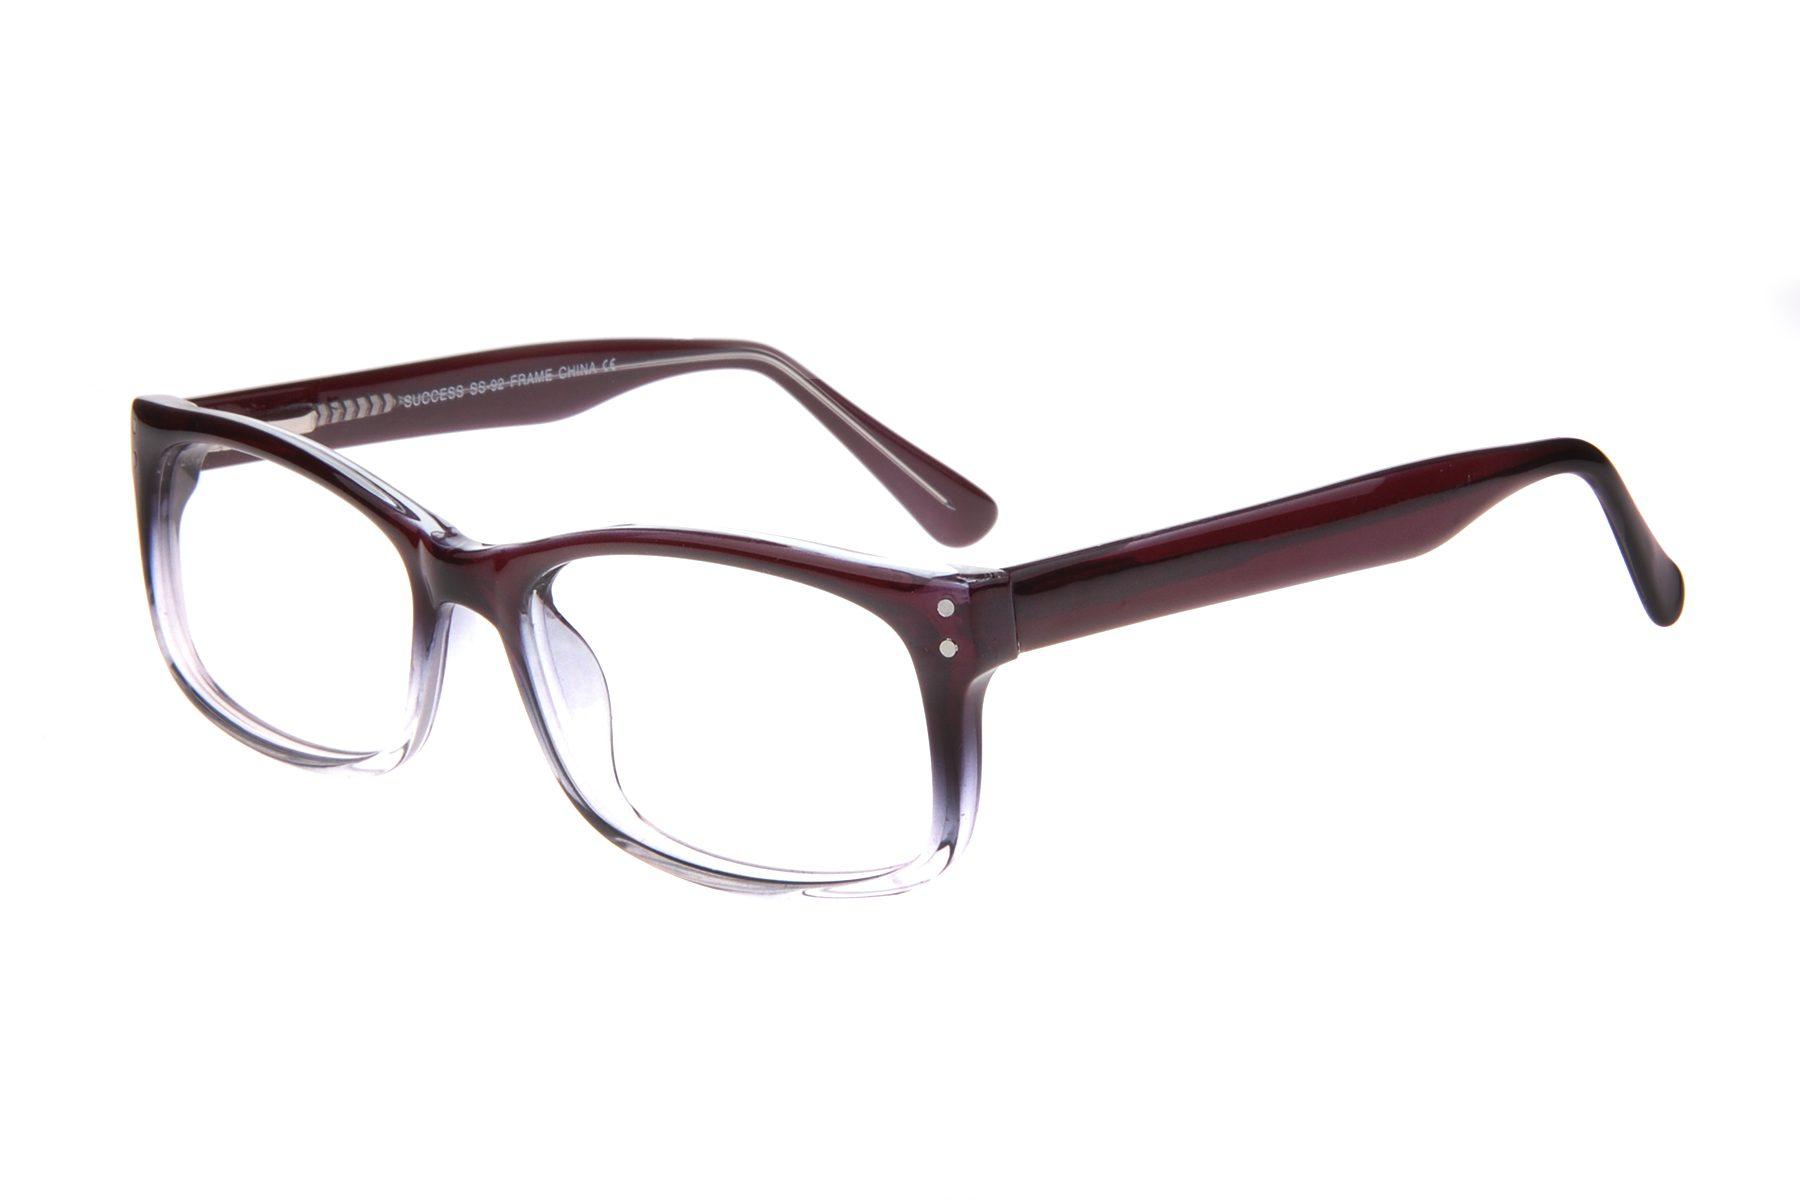 0a8cb6b21a6 SUCCESS-92 BLACK FADE - Visual Eyes Eyewear